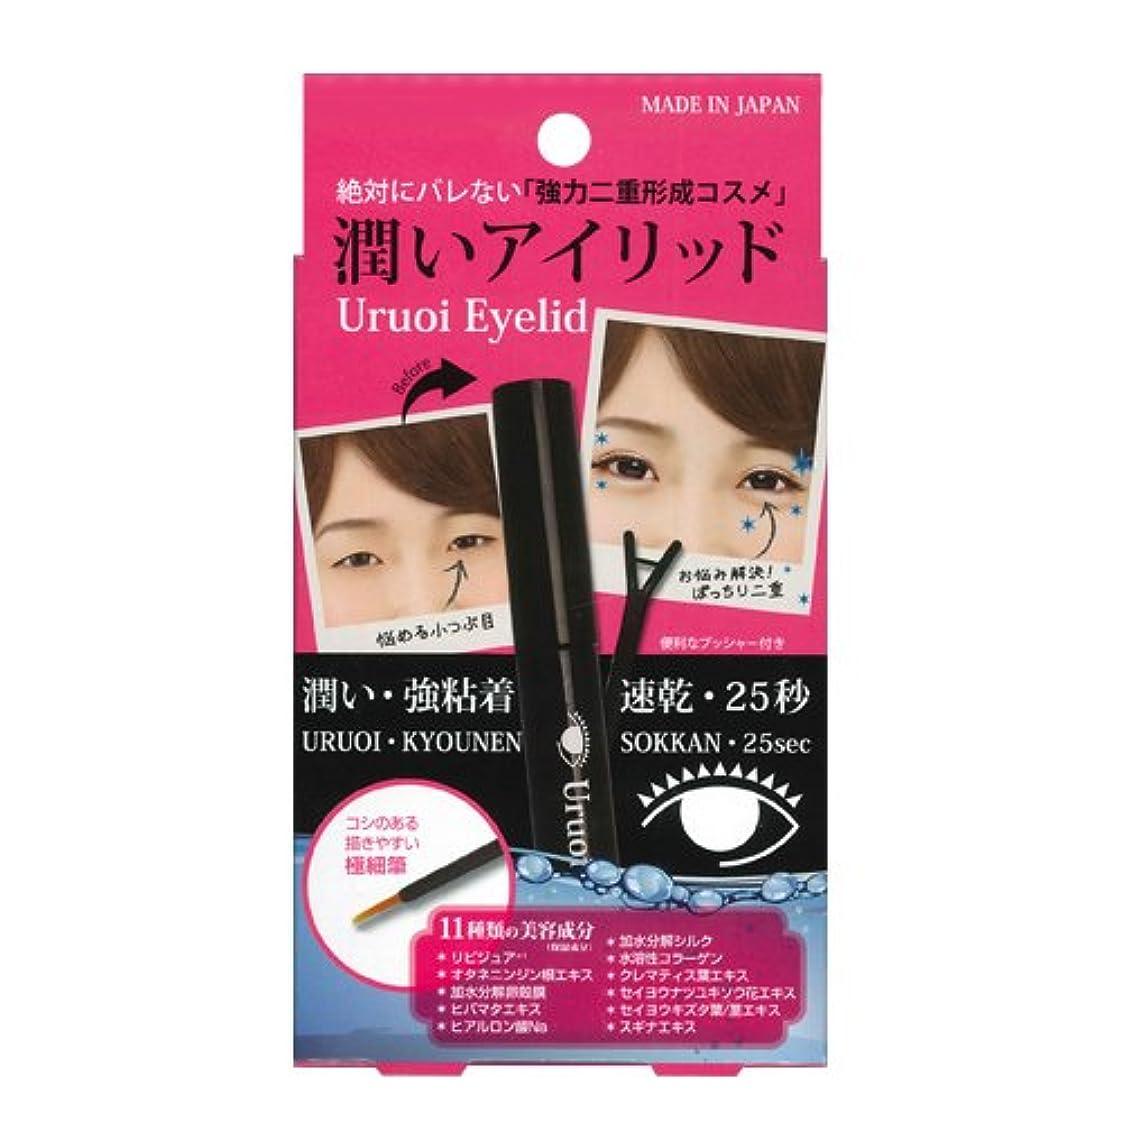 哲学的祖先死にかけている二重形成化粧品 潤いアイリッド(Uruoi Eyelid)